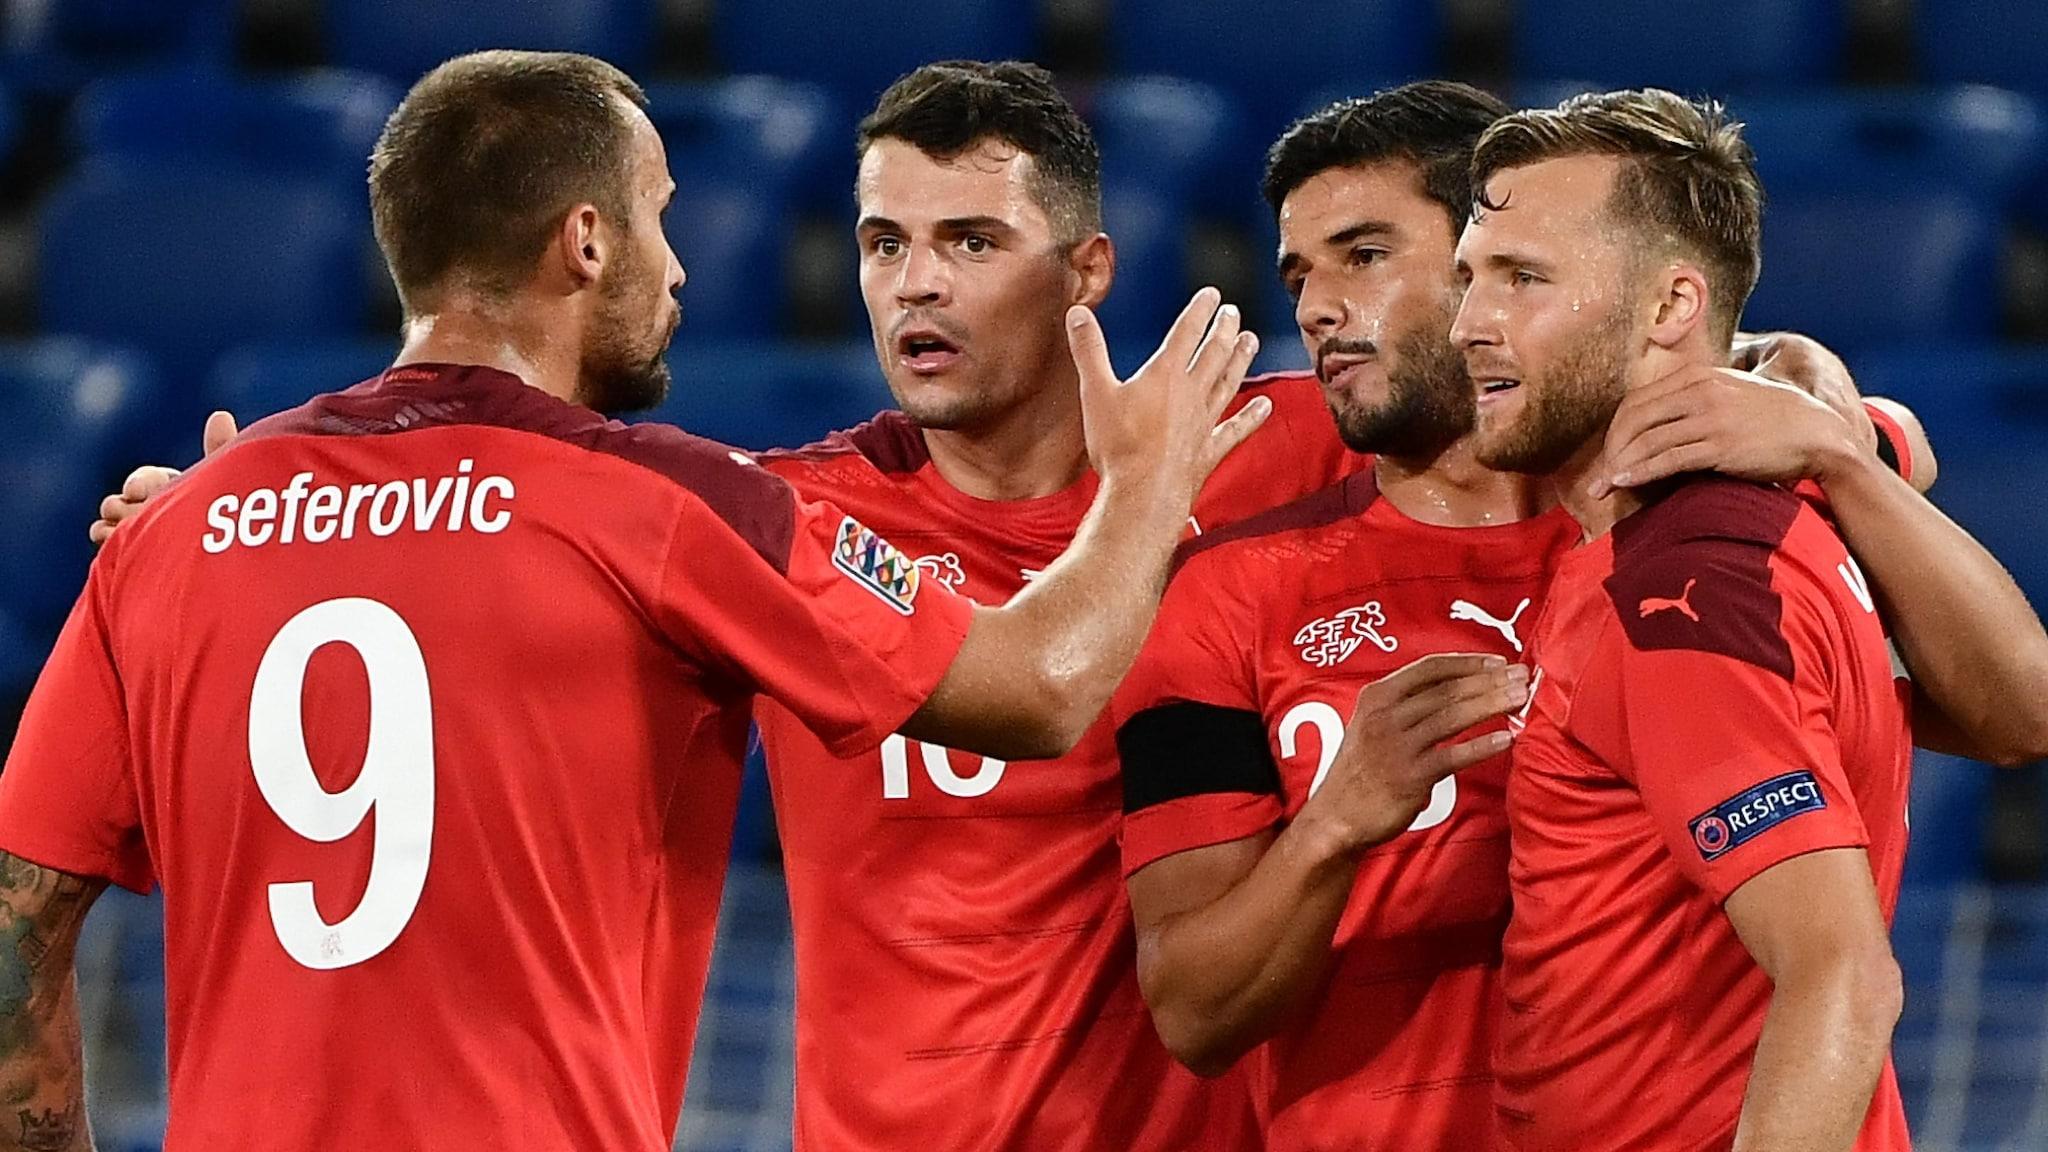 Switzerland 1-1 Germany: report